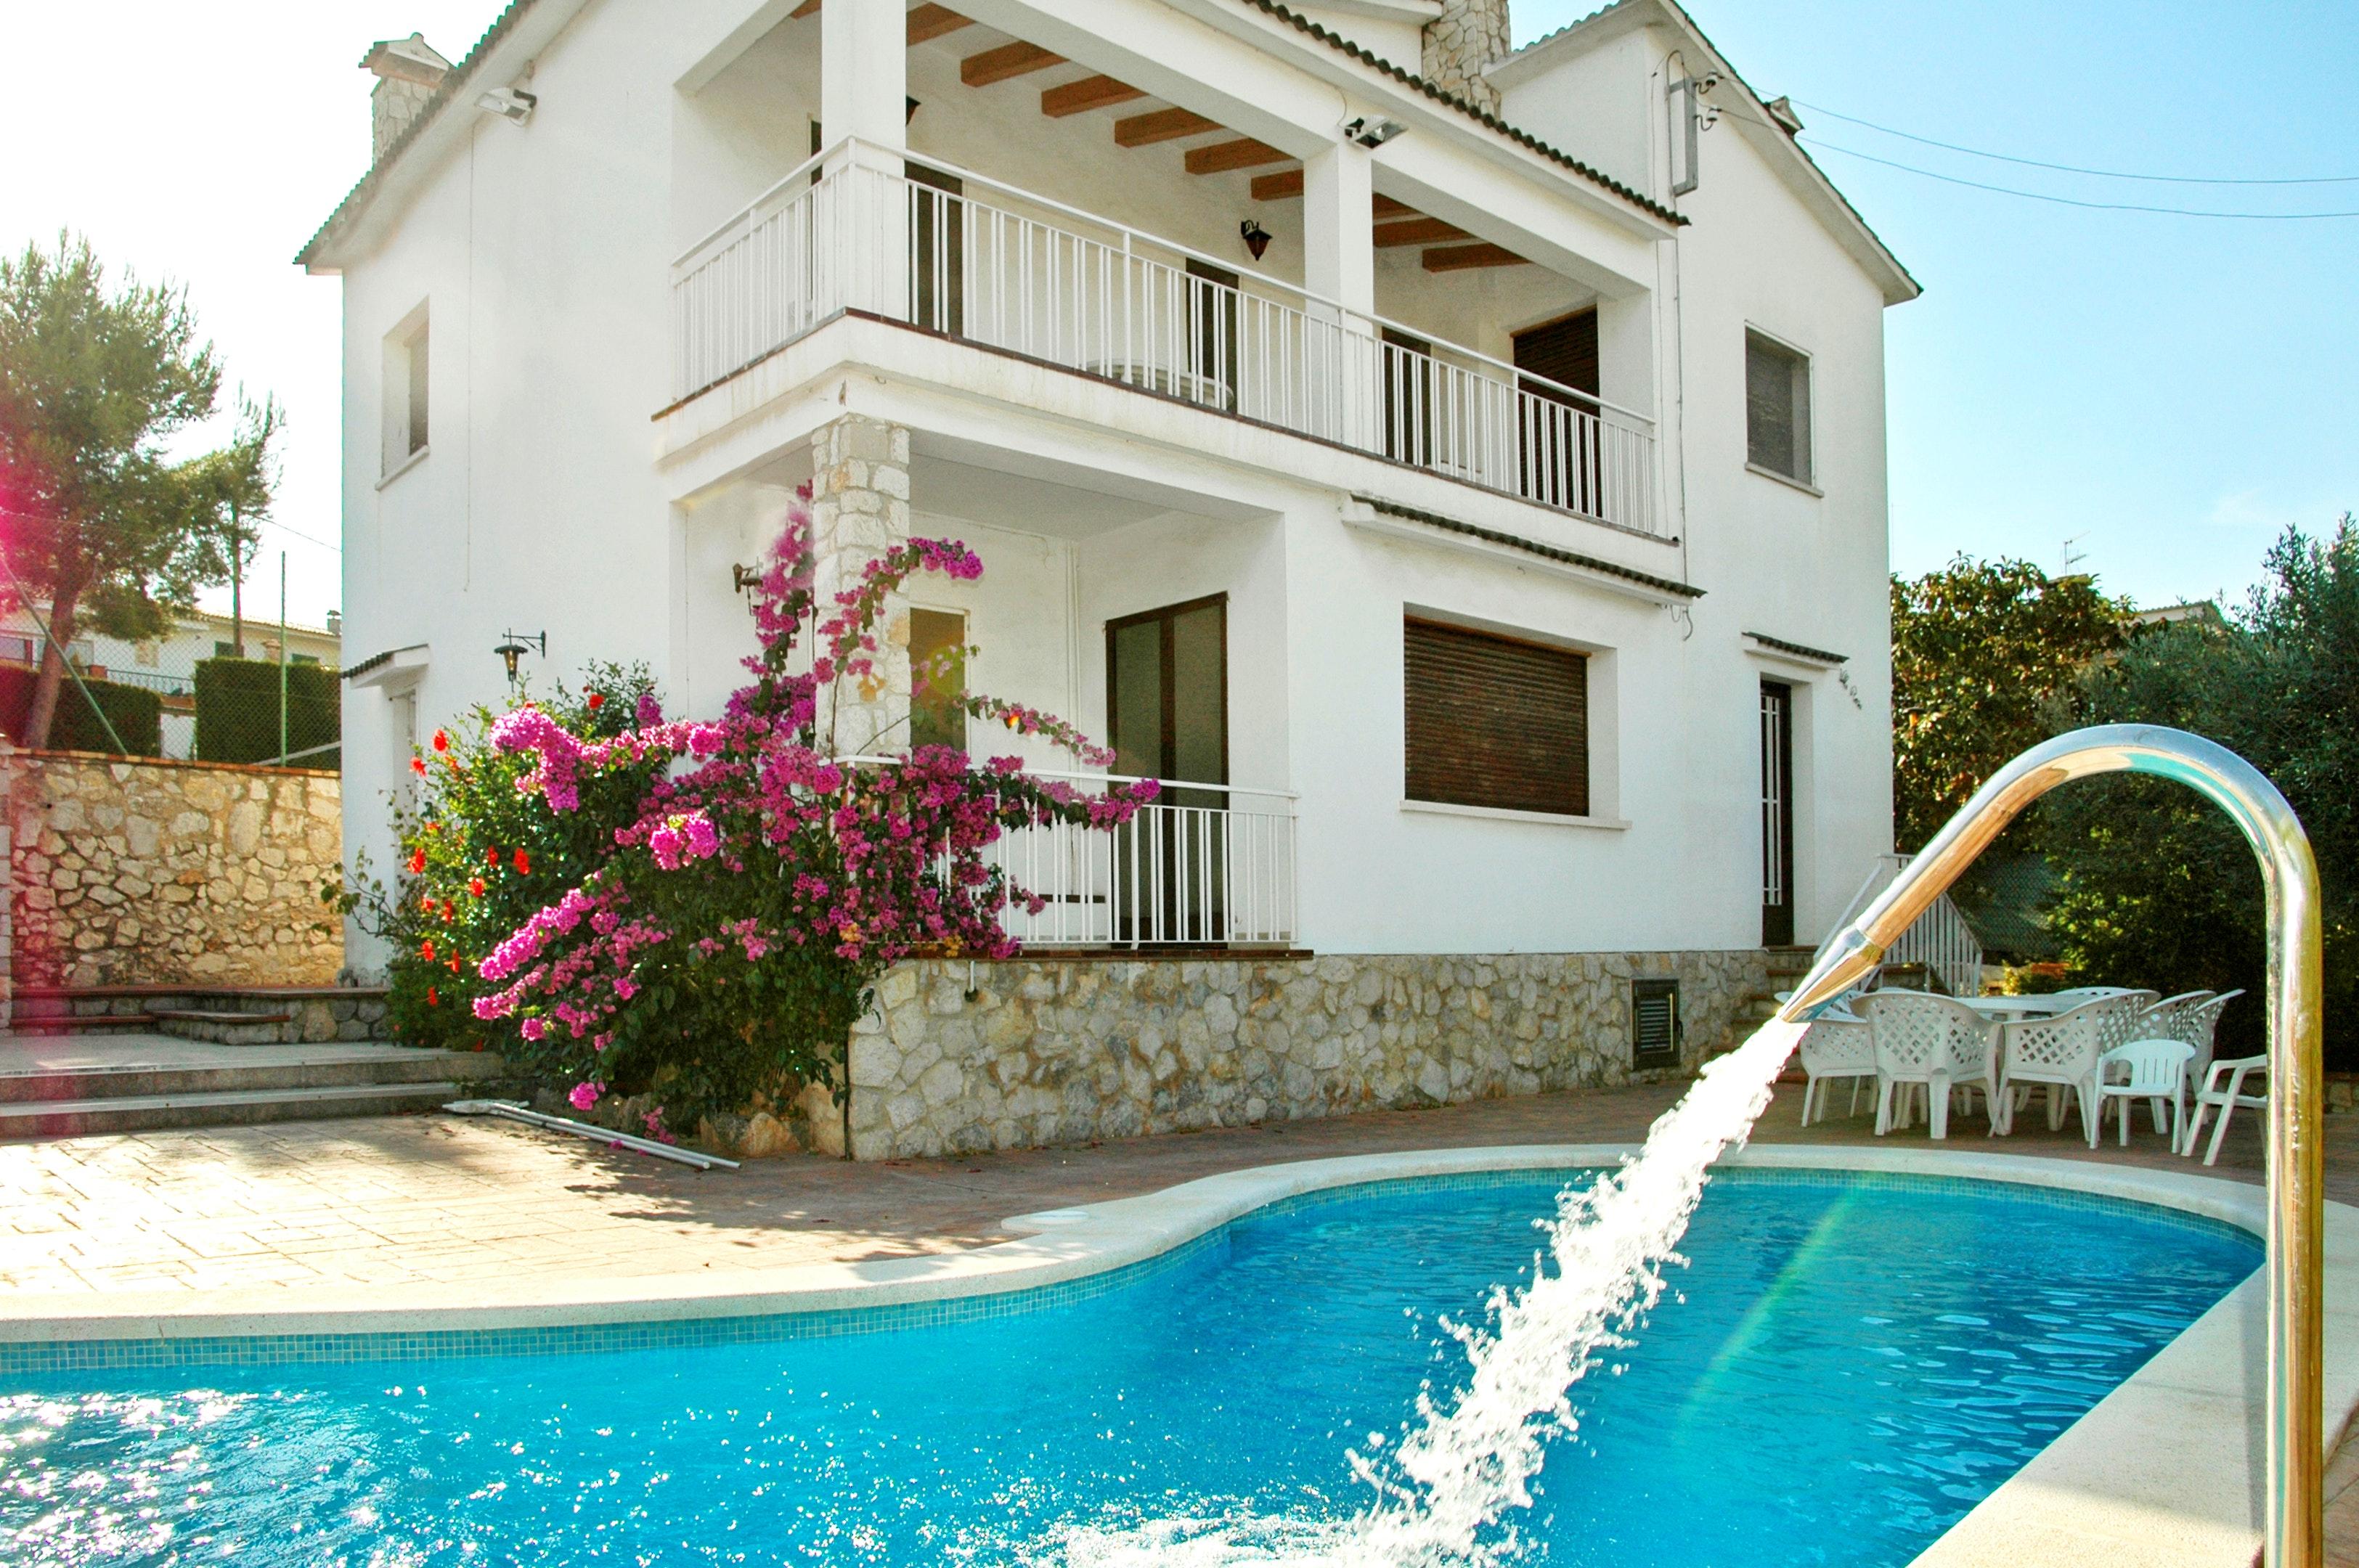 Ferienhaus Villa mit 6 Schlafzimmern in Canyelles mit toller Aussicht auf die Berge, privatem Pool, e (2339365), Canyelles, Costa del Garraf, Katalonien, Spanien, Bild 11